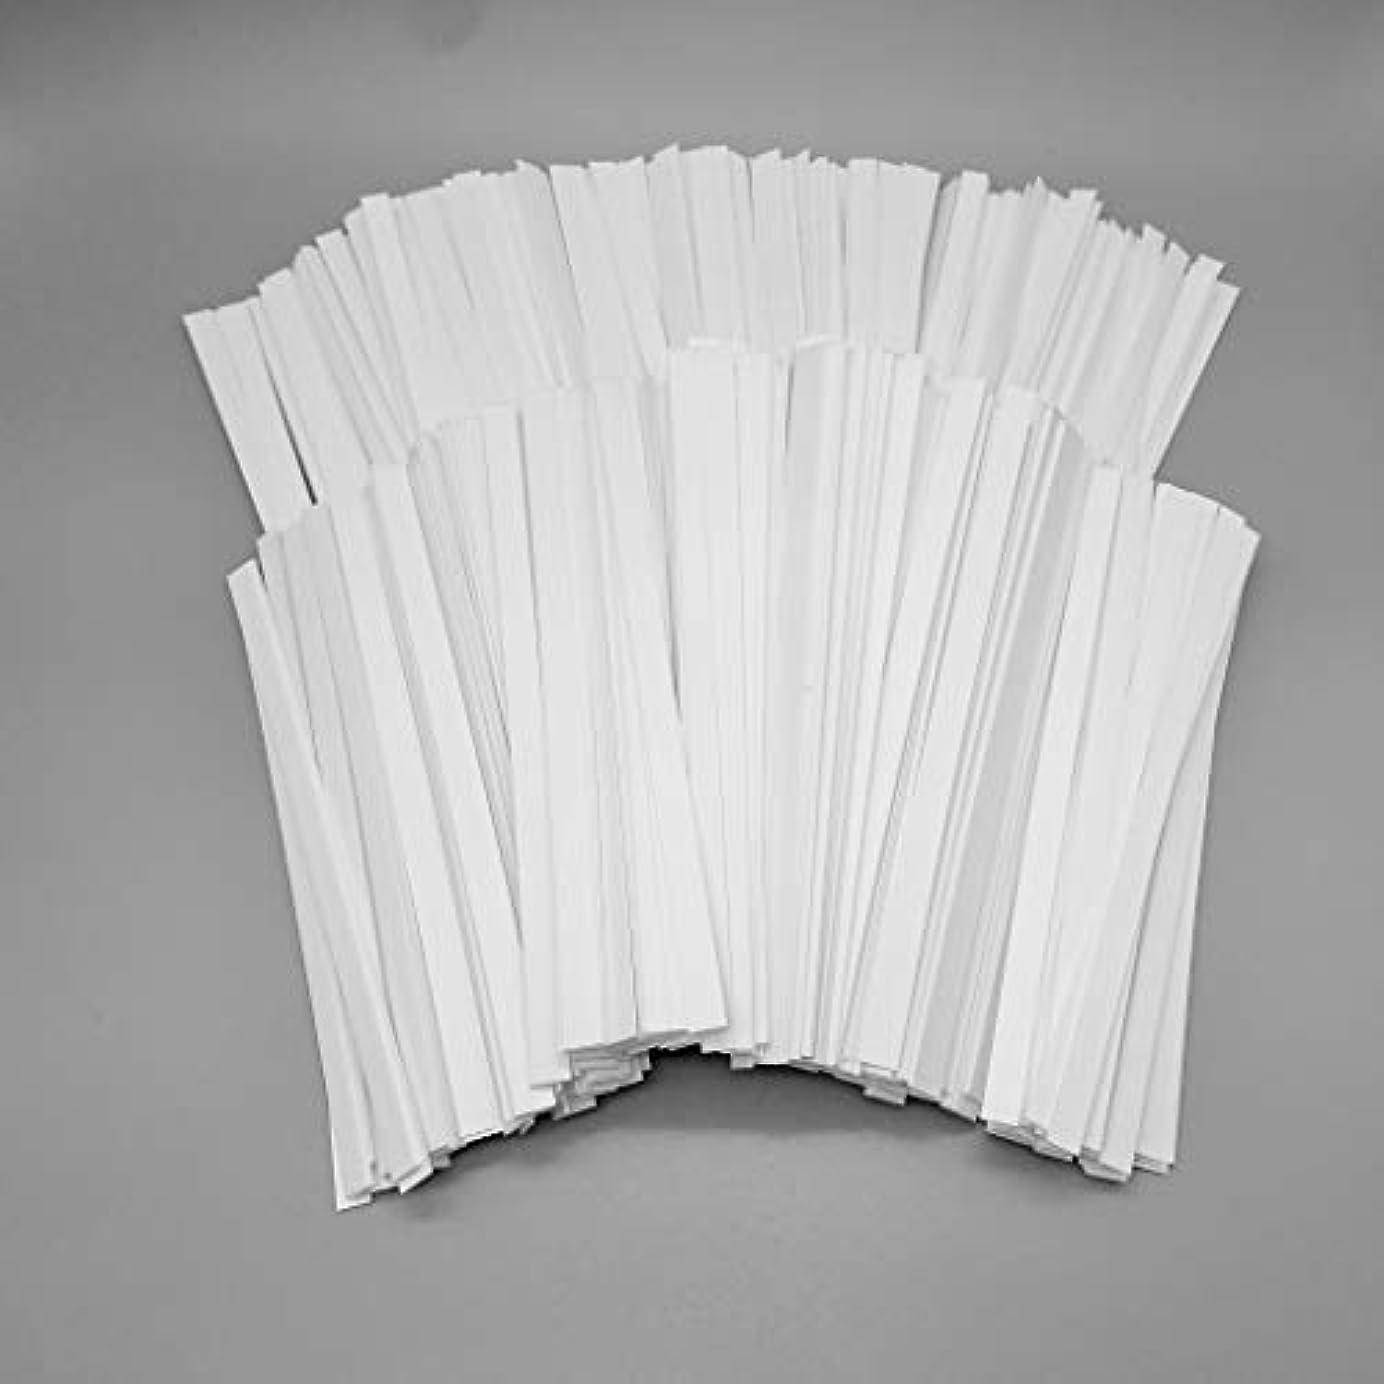 屋内で説明的突然の【オンネネ】ムエット 試香紙 1000本セット 講座?試験用